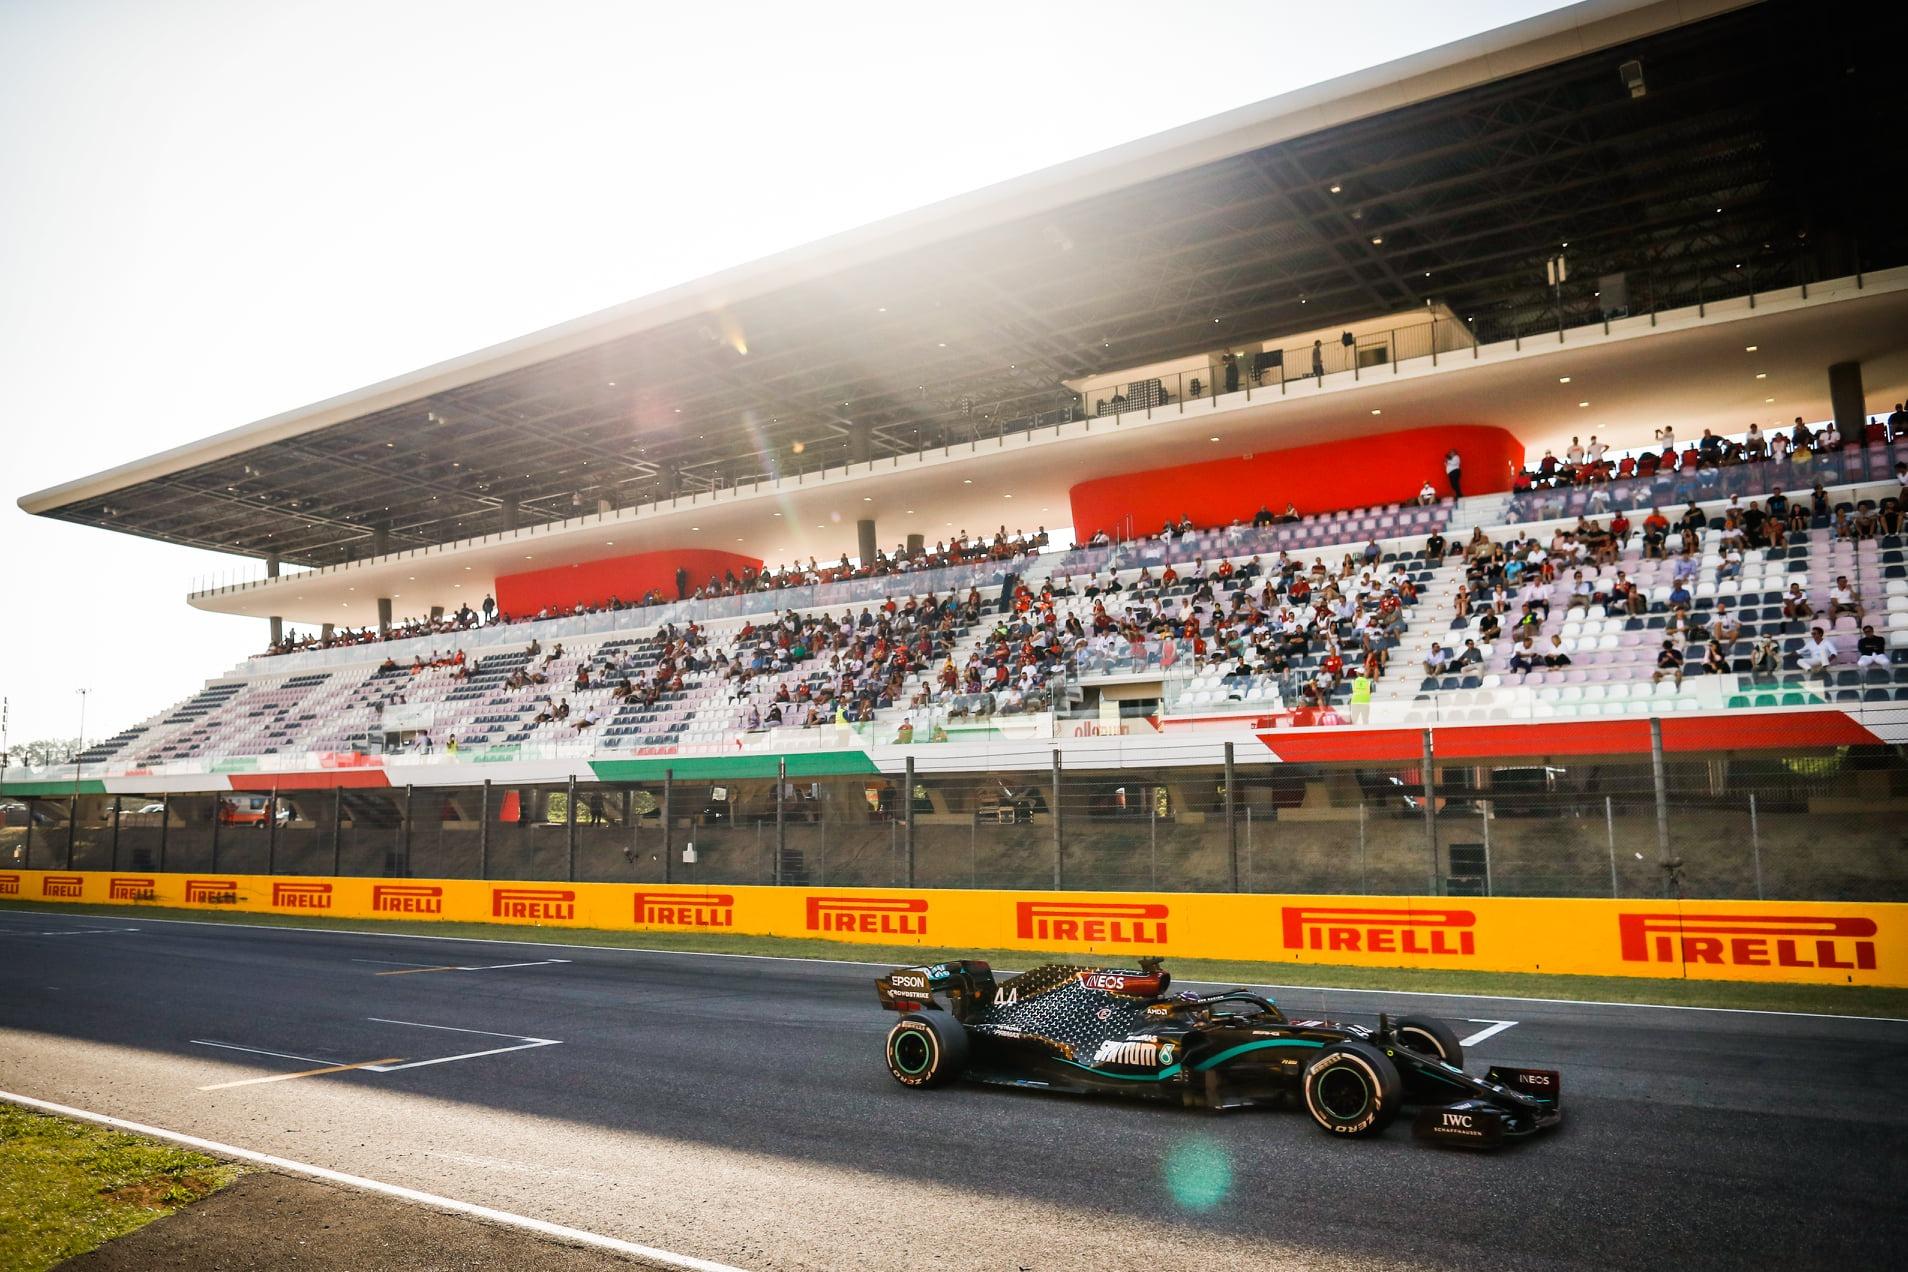 Fórmula 1 - GP da Toscana - Vitória de Lewis Hamilton